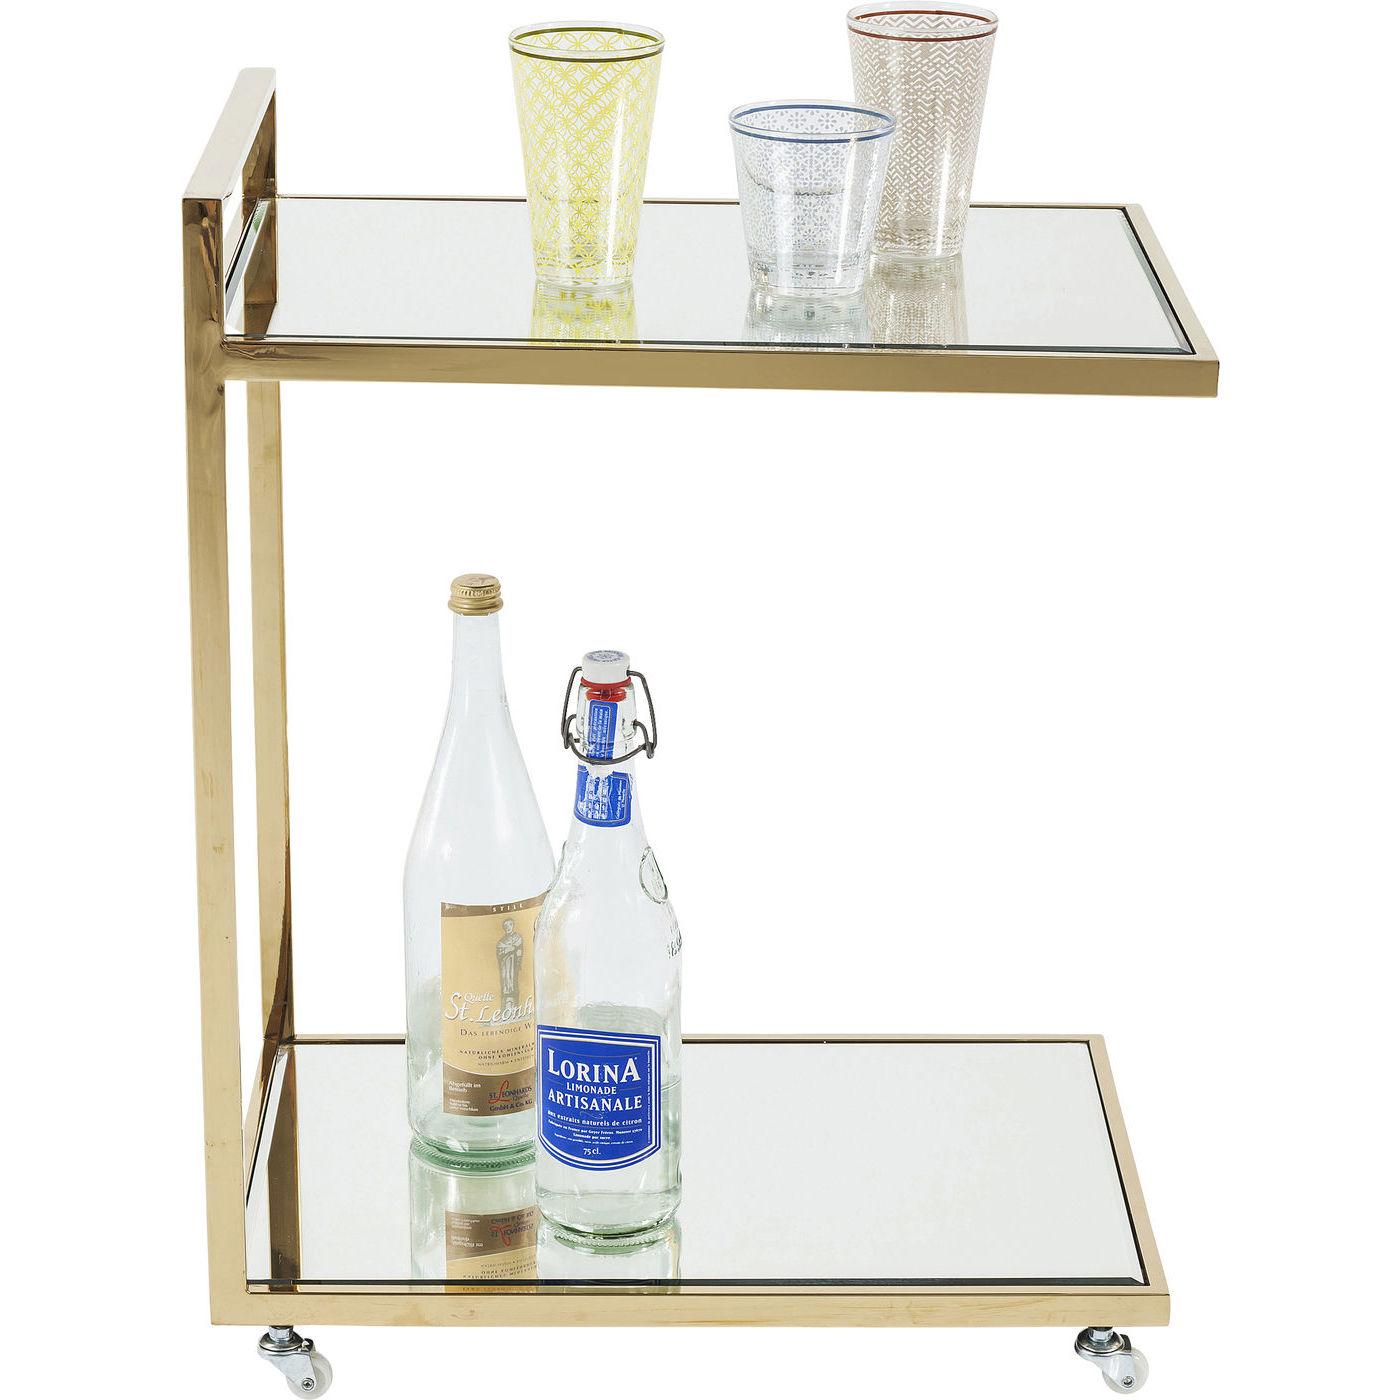 Billede af Kare Design Bakkebord, Classy Gold